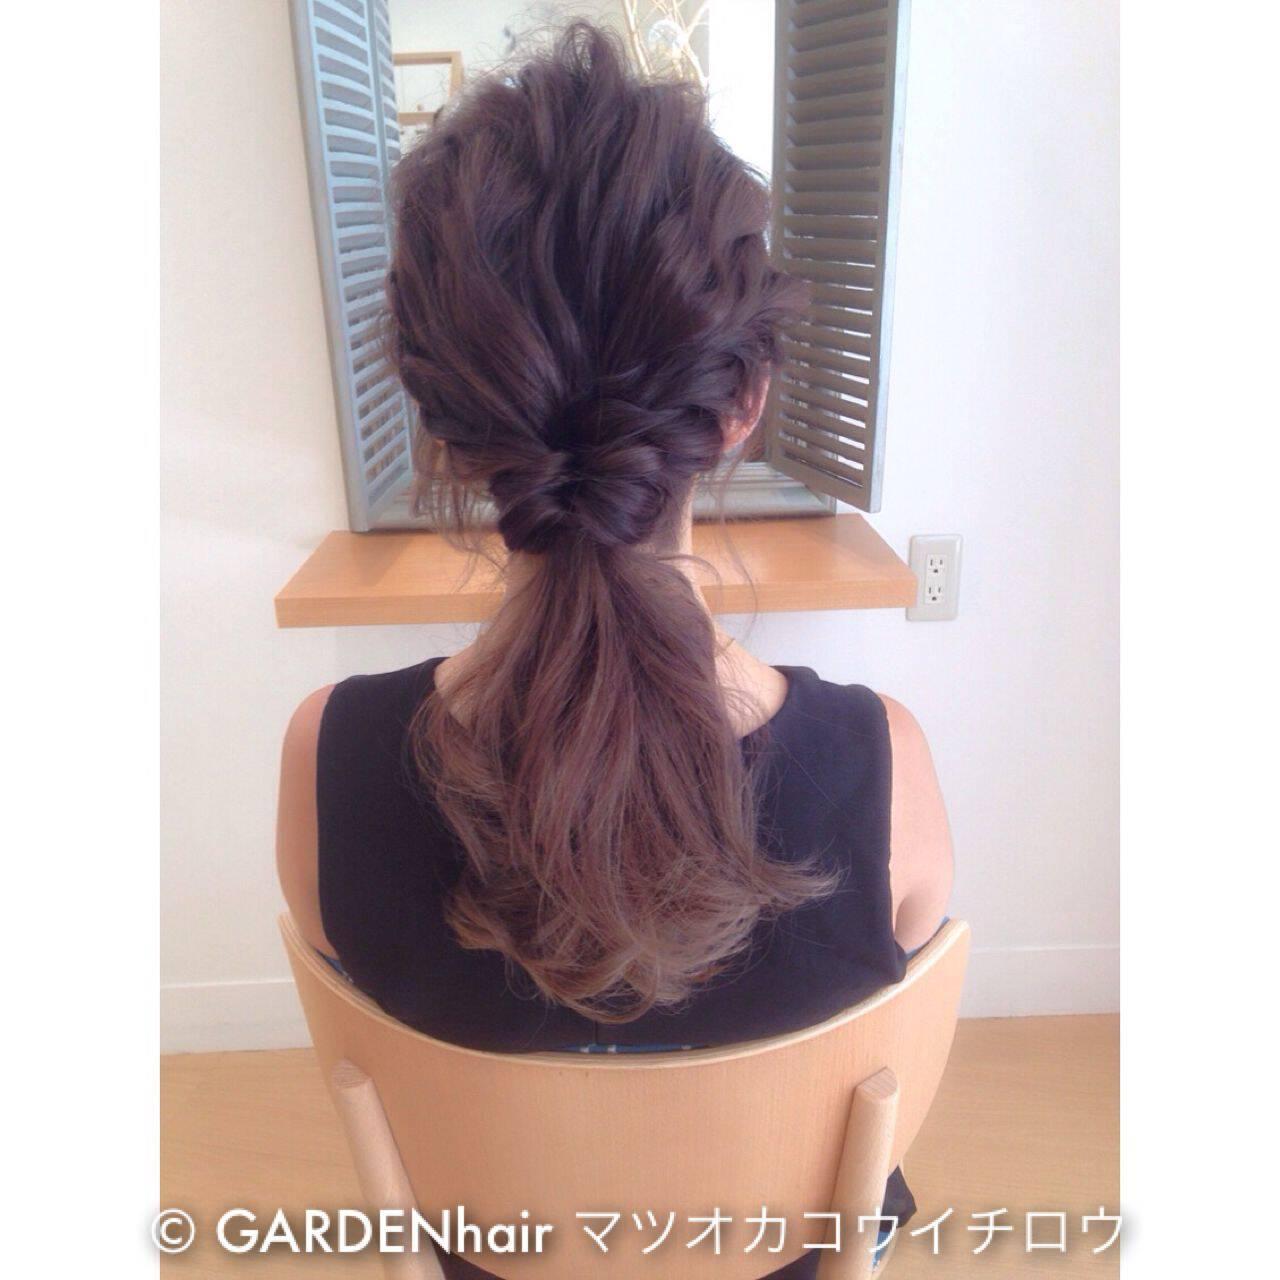 ナチュラル ポニーテール ショート ヘアアレンジヘアスタイルや髪型の写真・画像